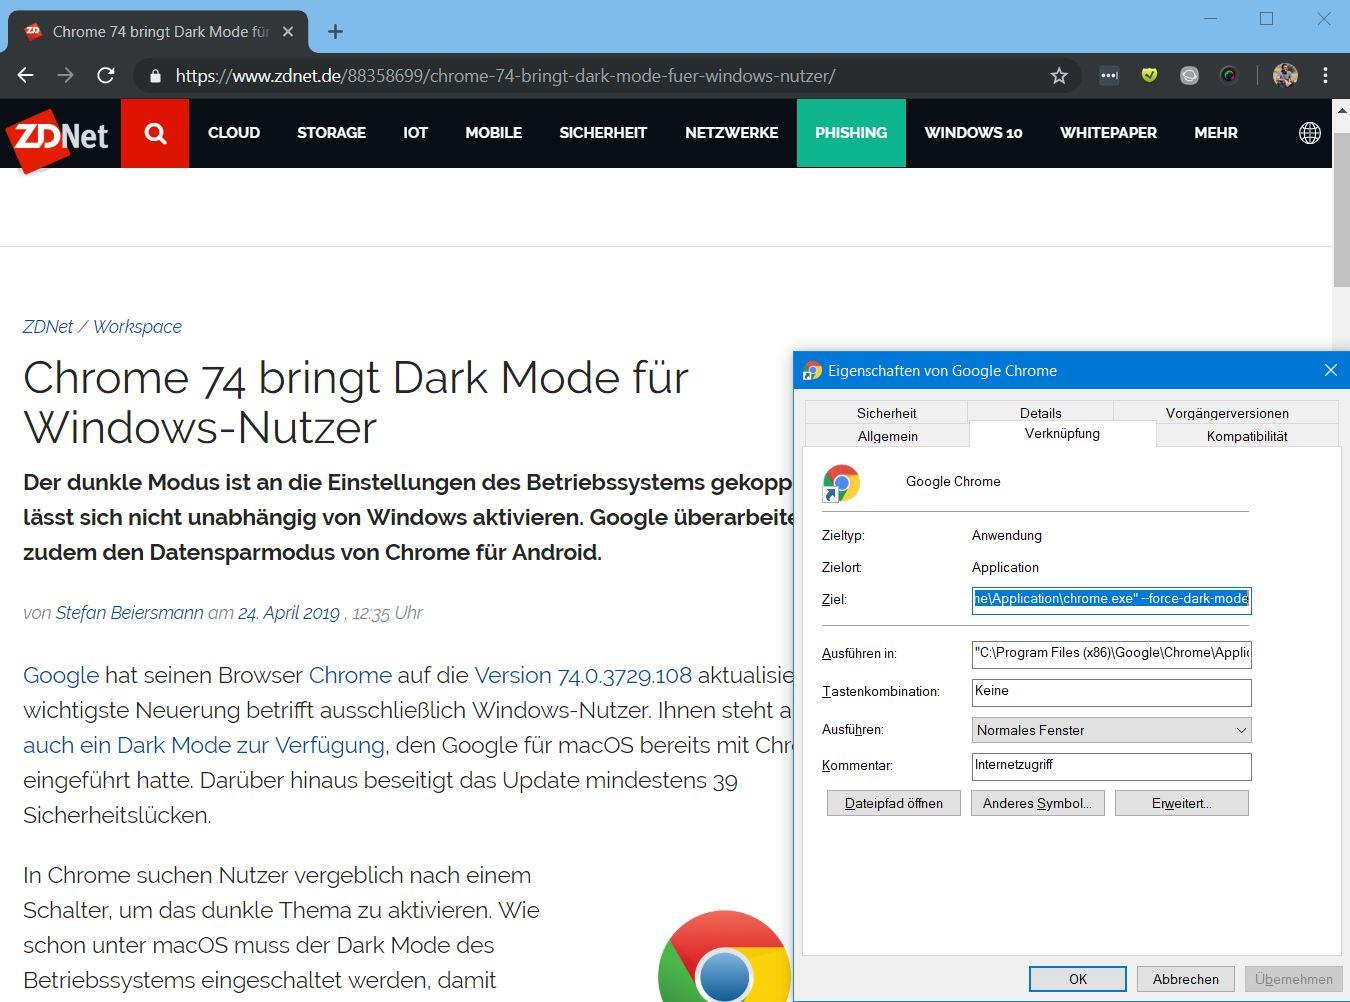 Chrome 74 Bringt Dark Mode Für Windows Nutzer